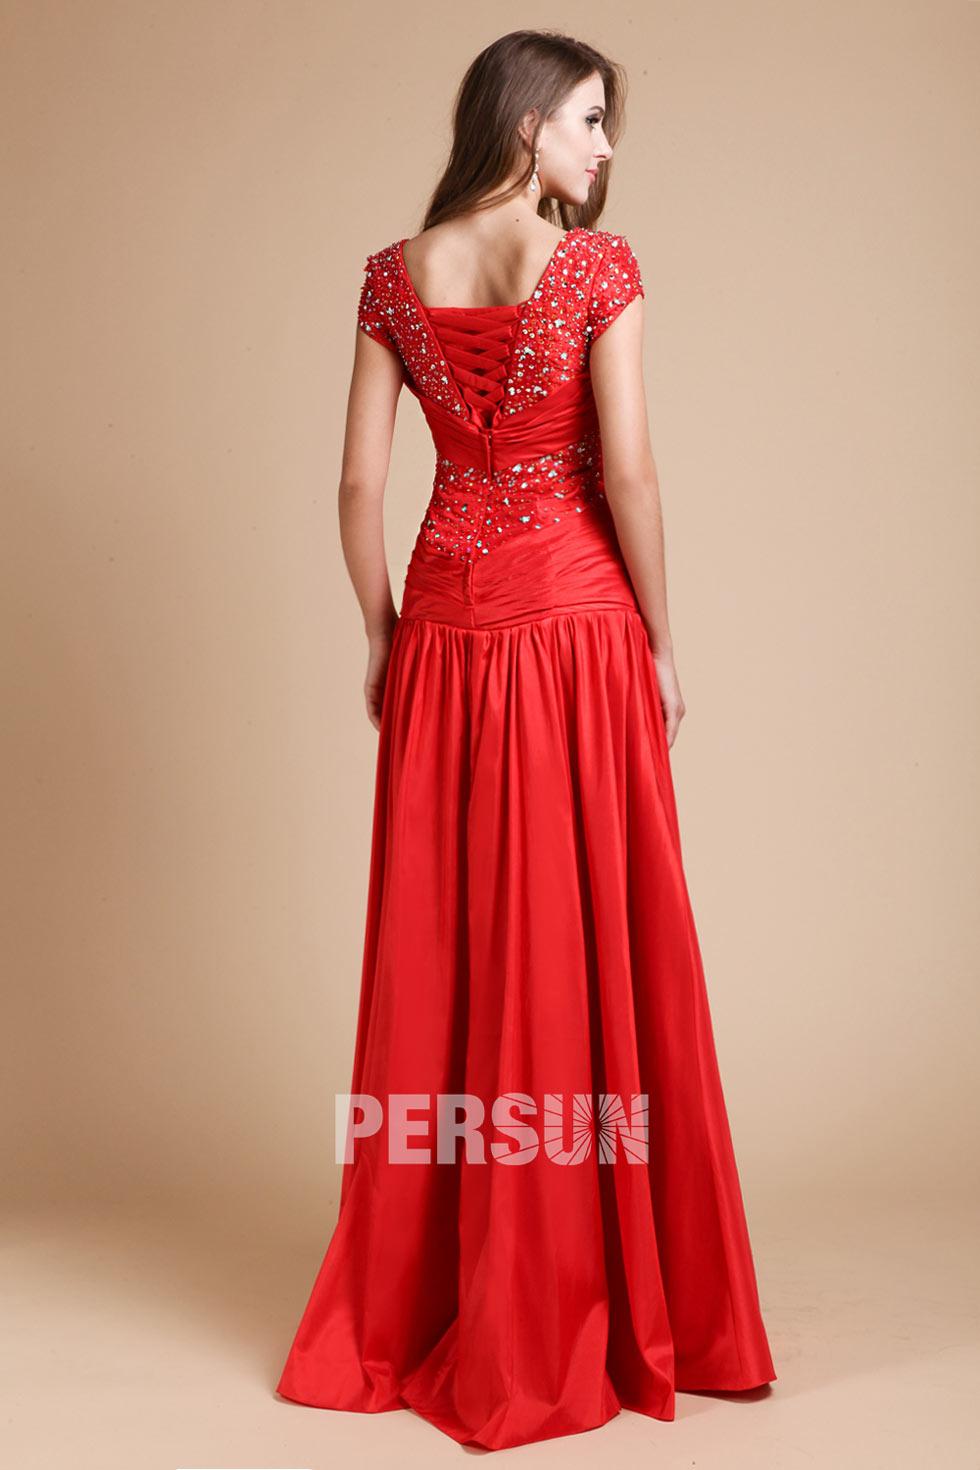 Robe soirée rouge longue ornée de strass avec laçage au dos